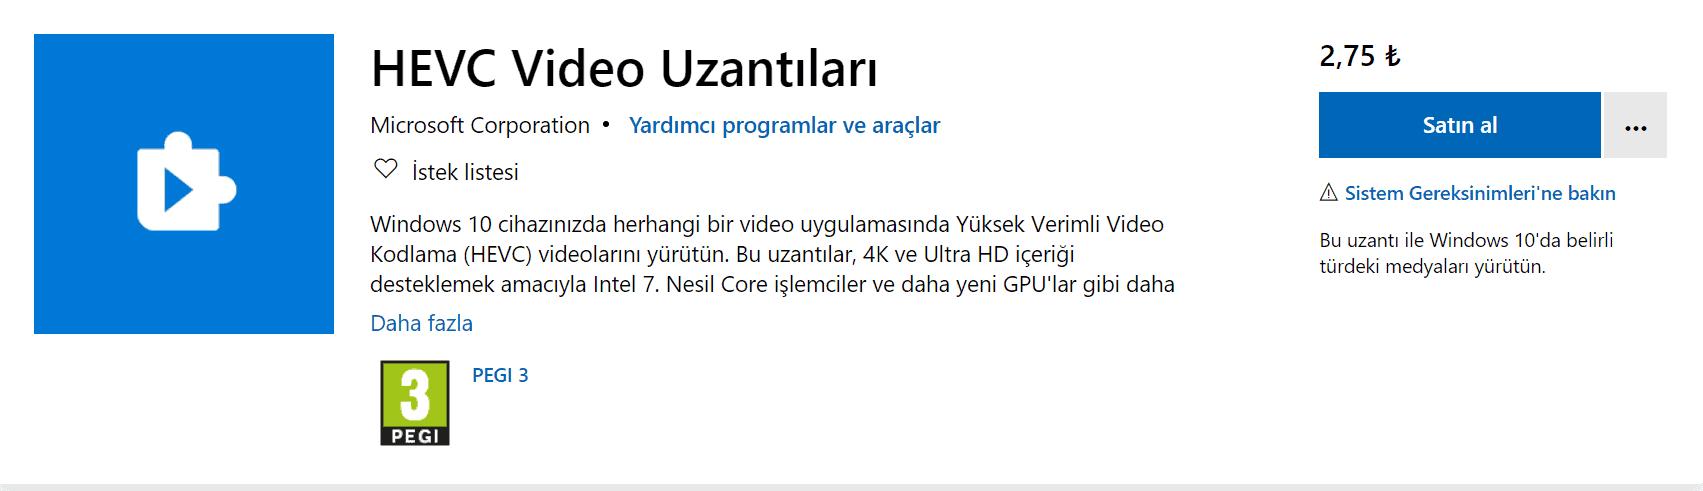 hevc video uzantıları